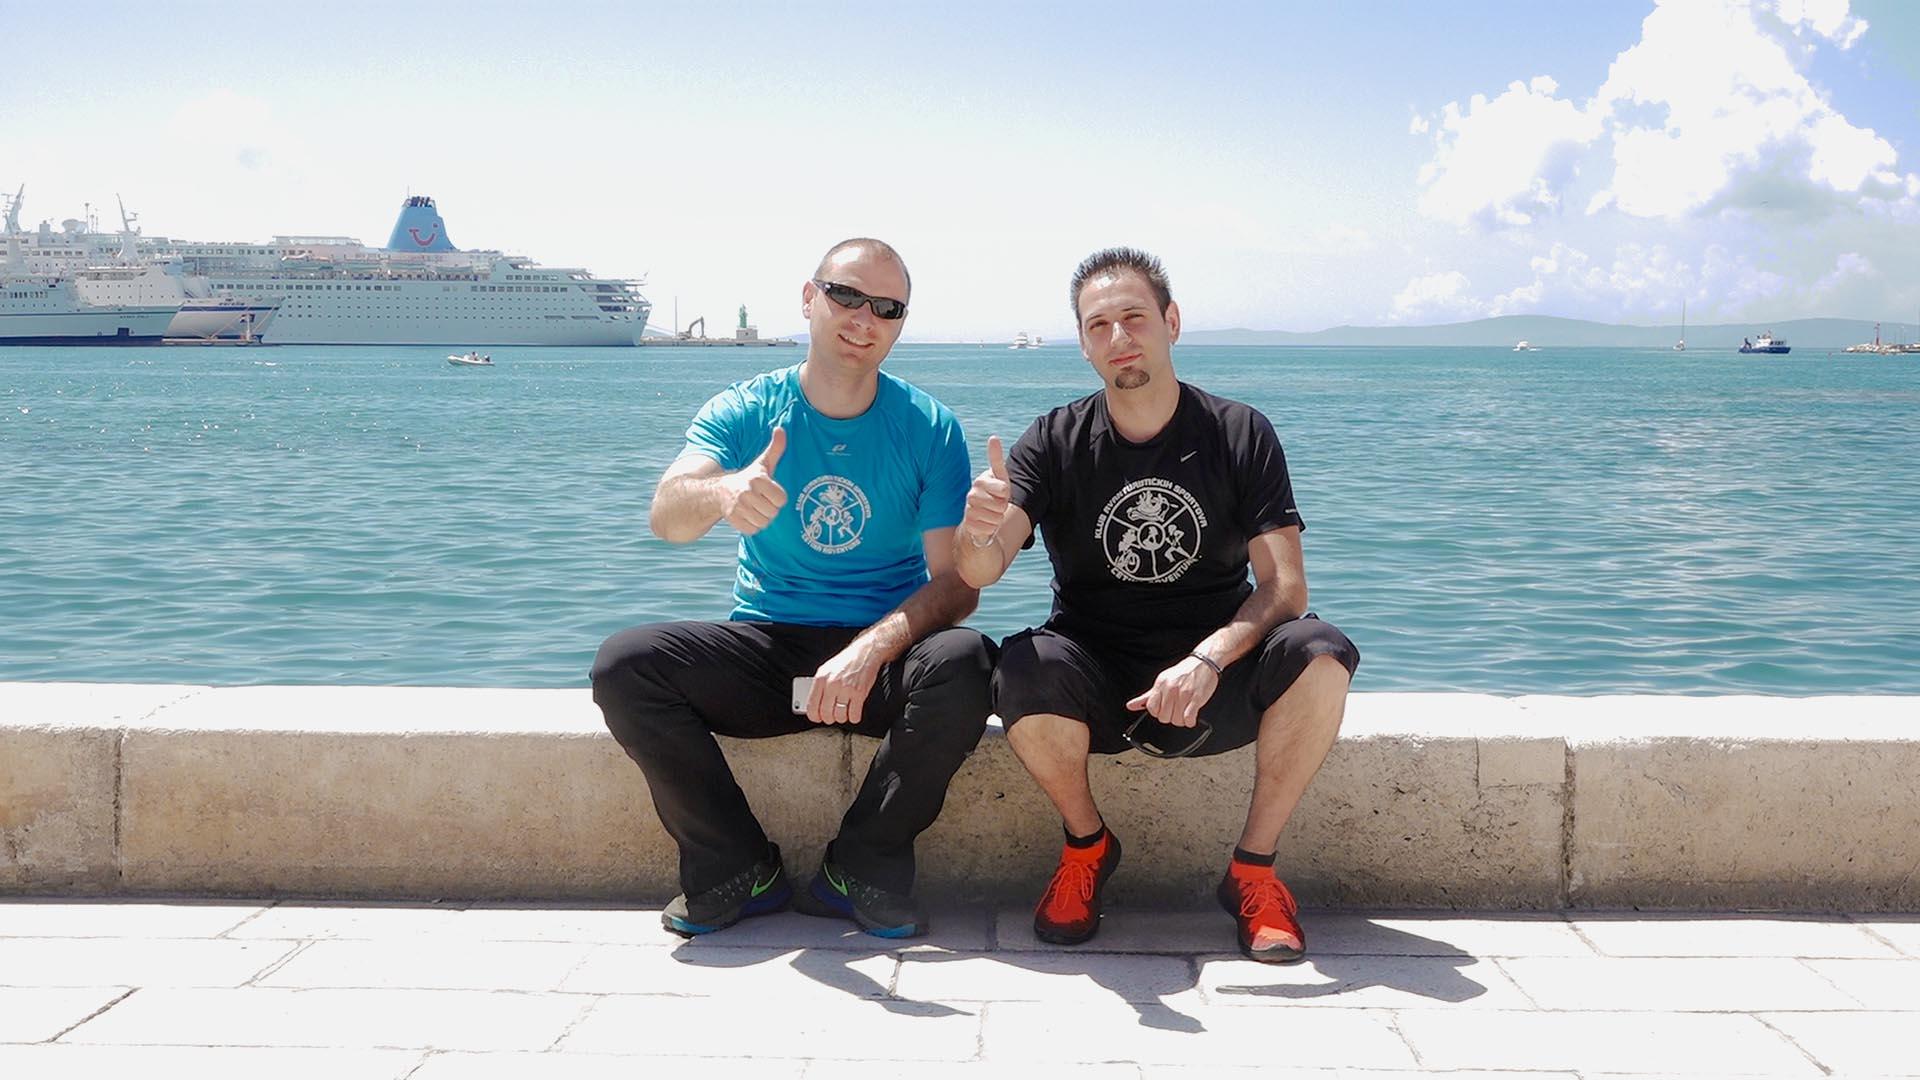 Cetina Adventure i TTK Strka organiziraju utrku: Sav prikupljeni novac ide u humanitarne svrhe